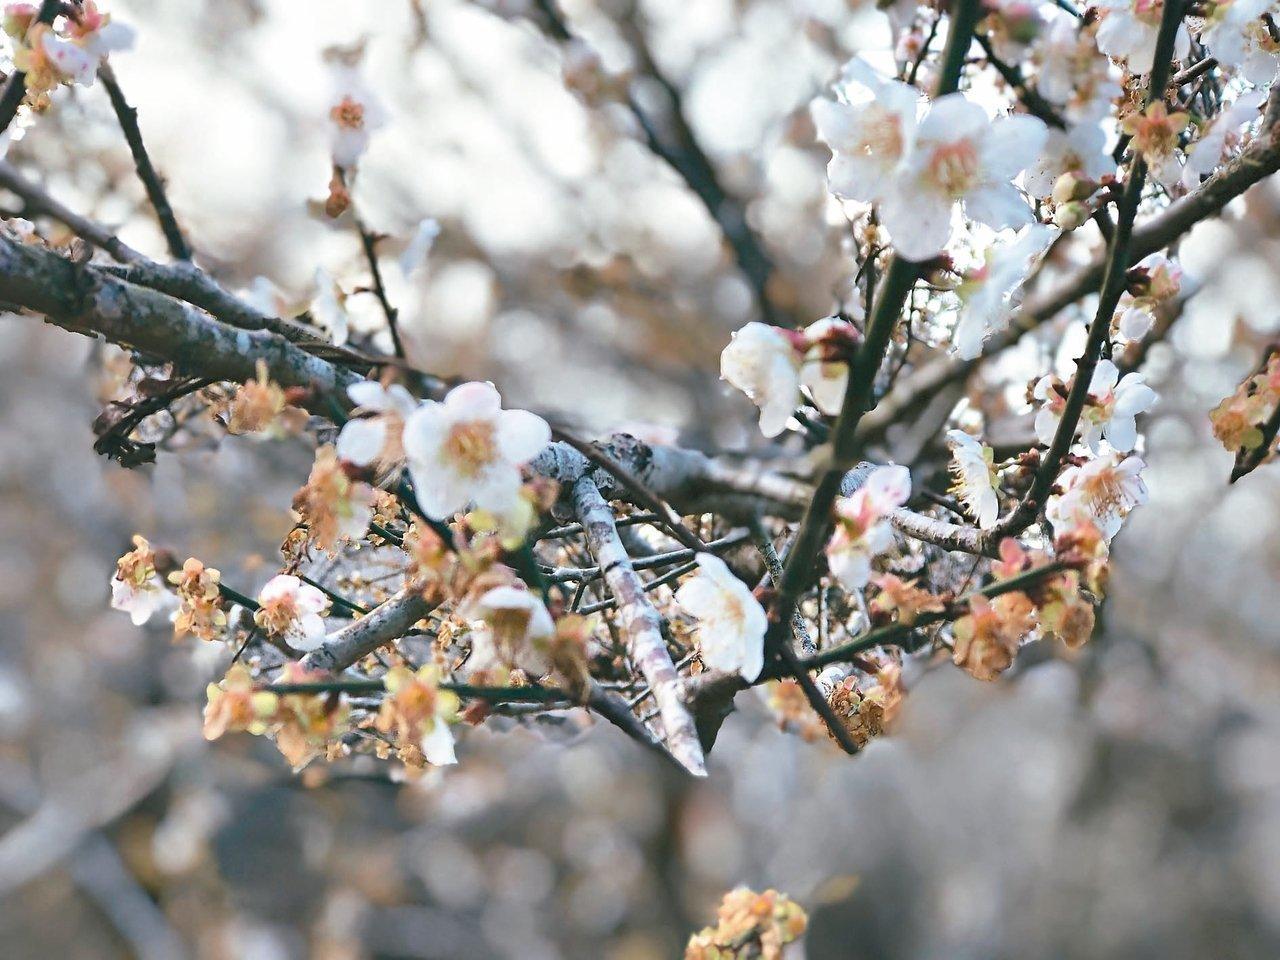 台東縣延平鄉鸞山山區梅花盛開,二月初還是賞花期。記者尤聰光/攝影